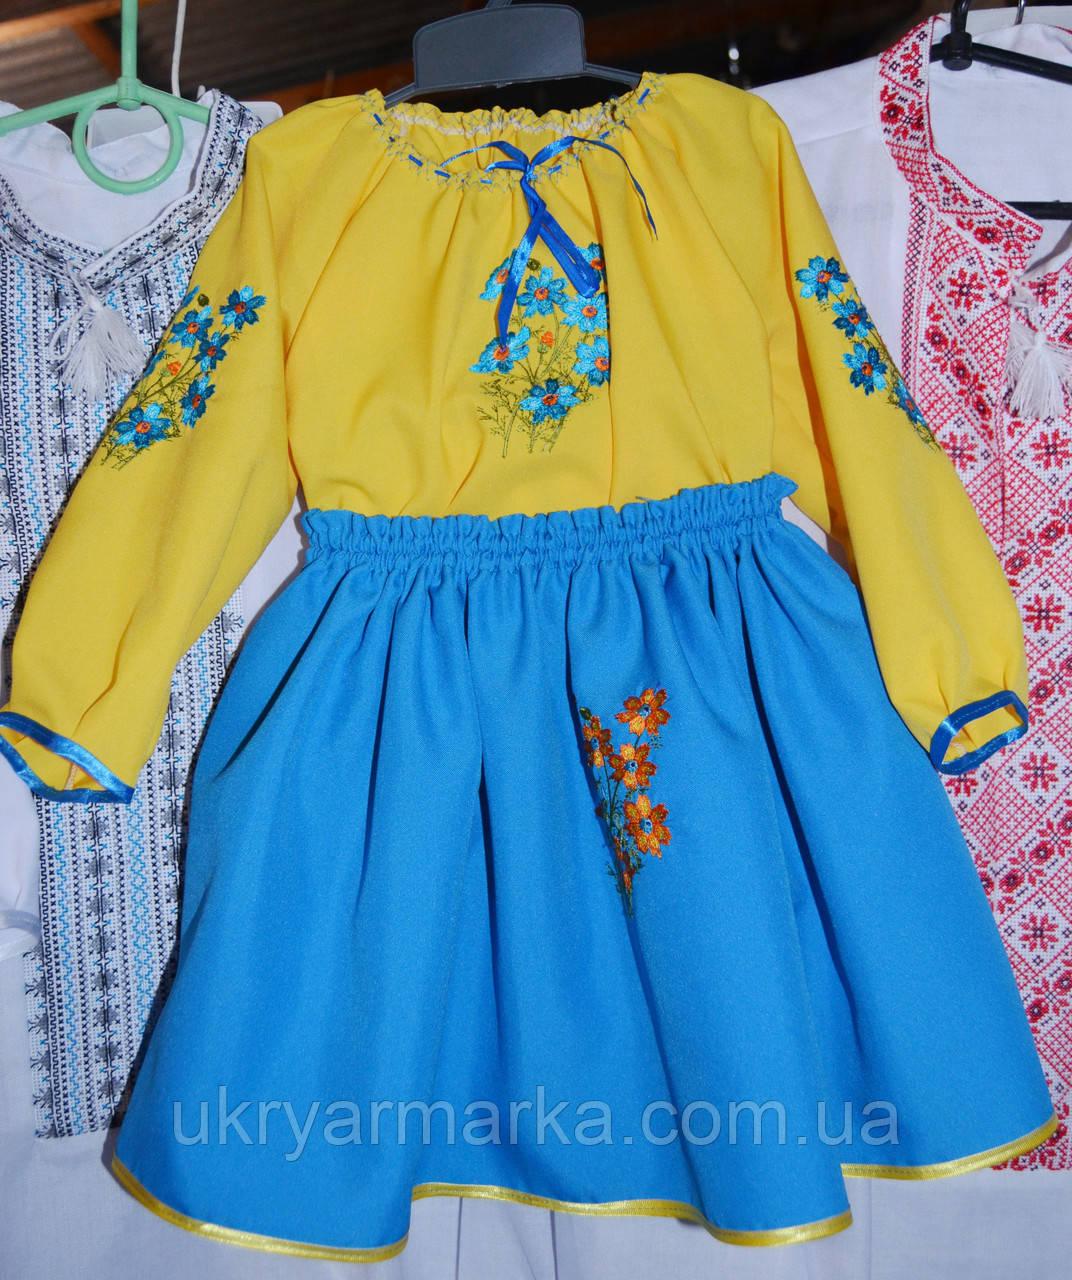 5b8c63f6933308 Вишитий костюм для дівчинки